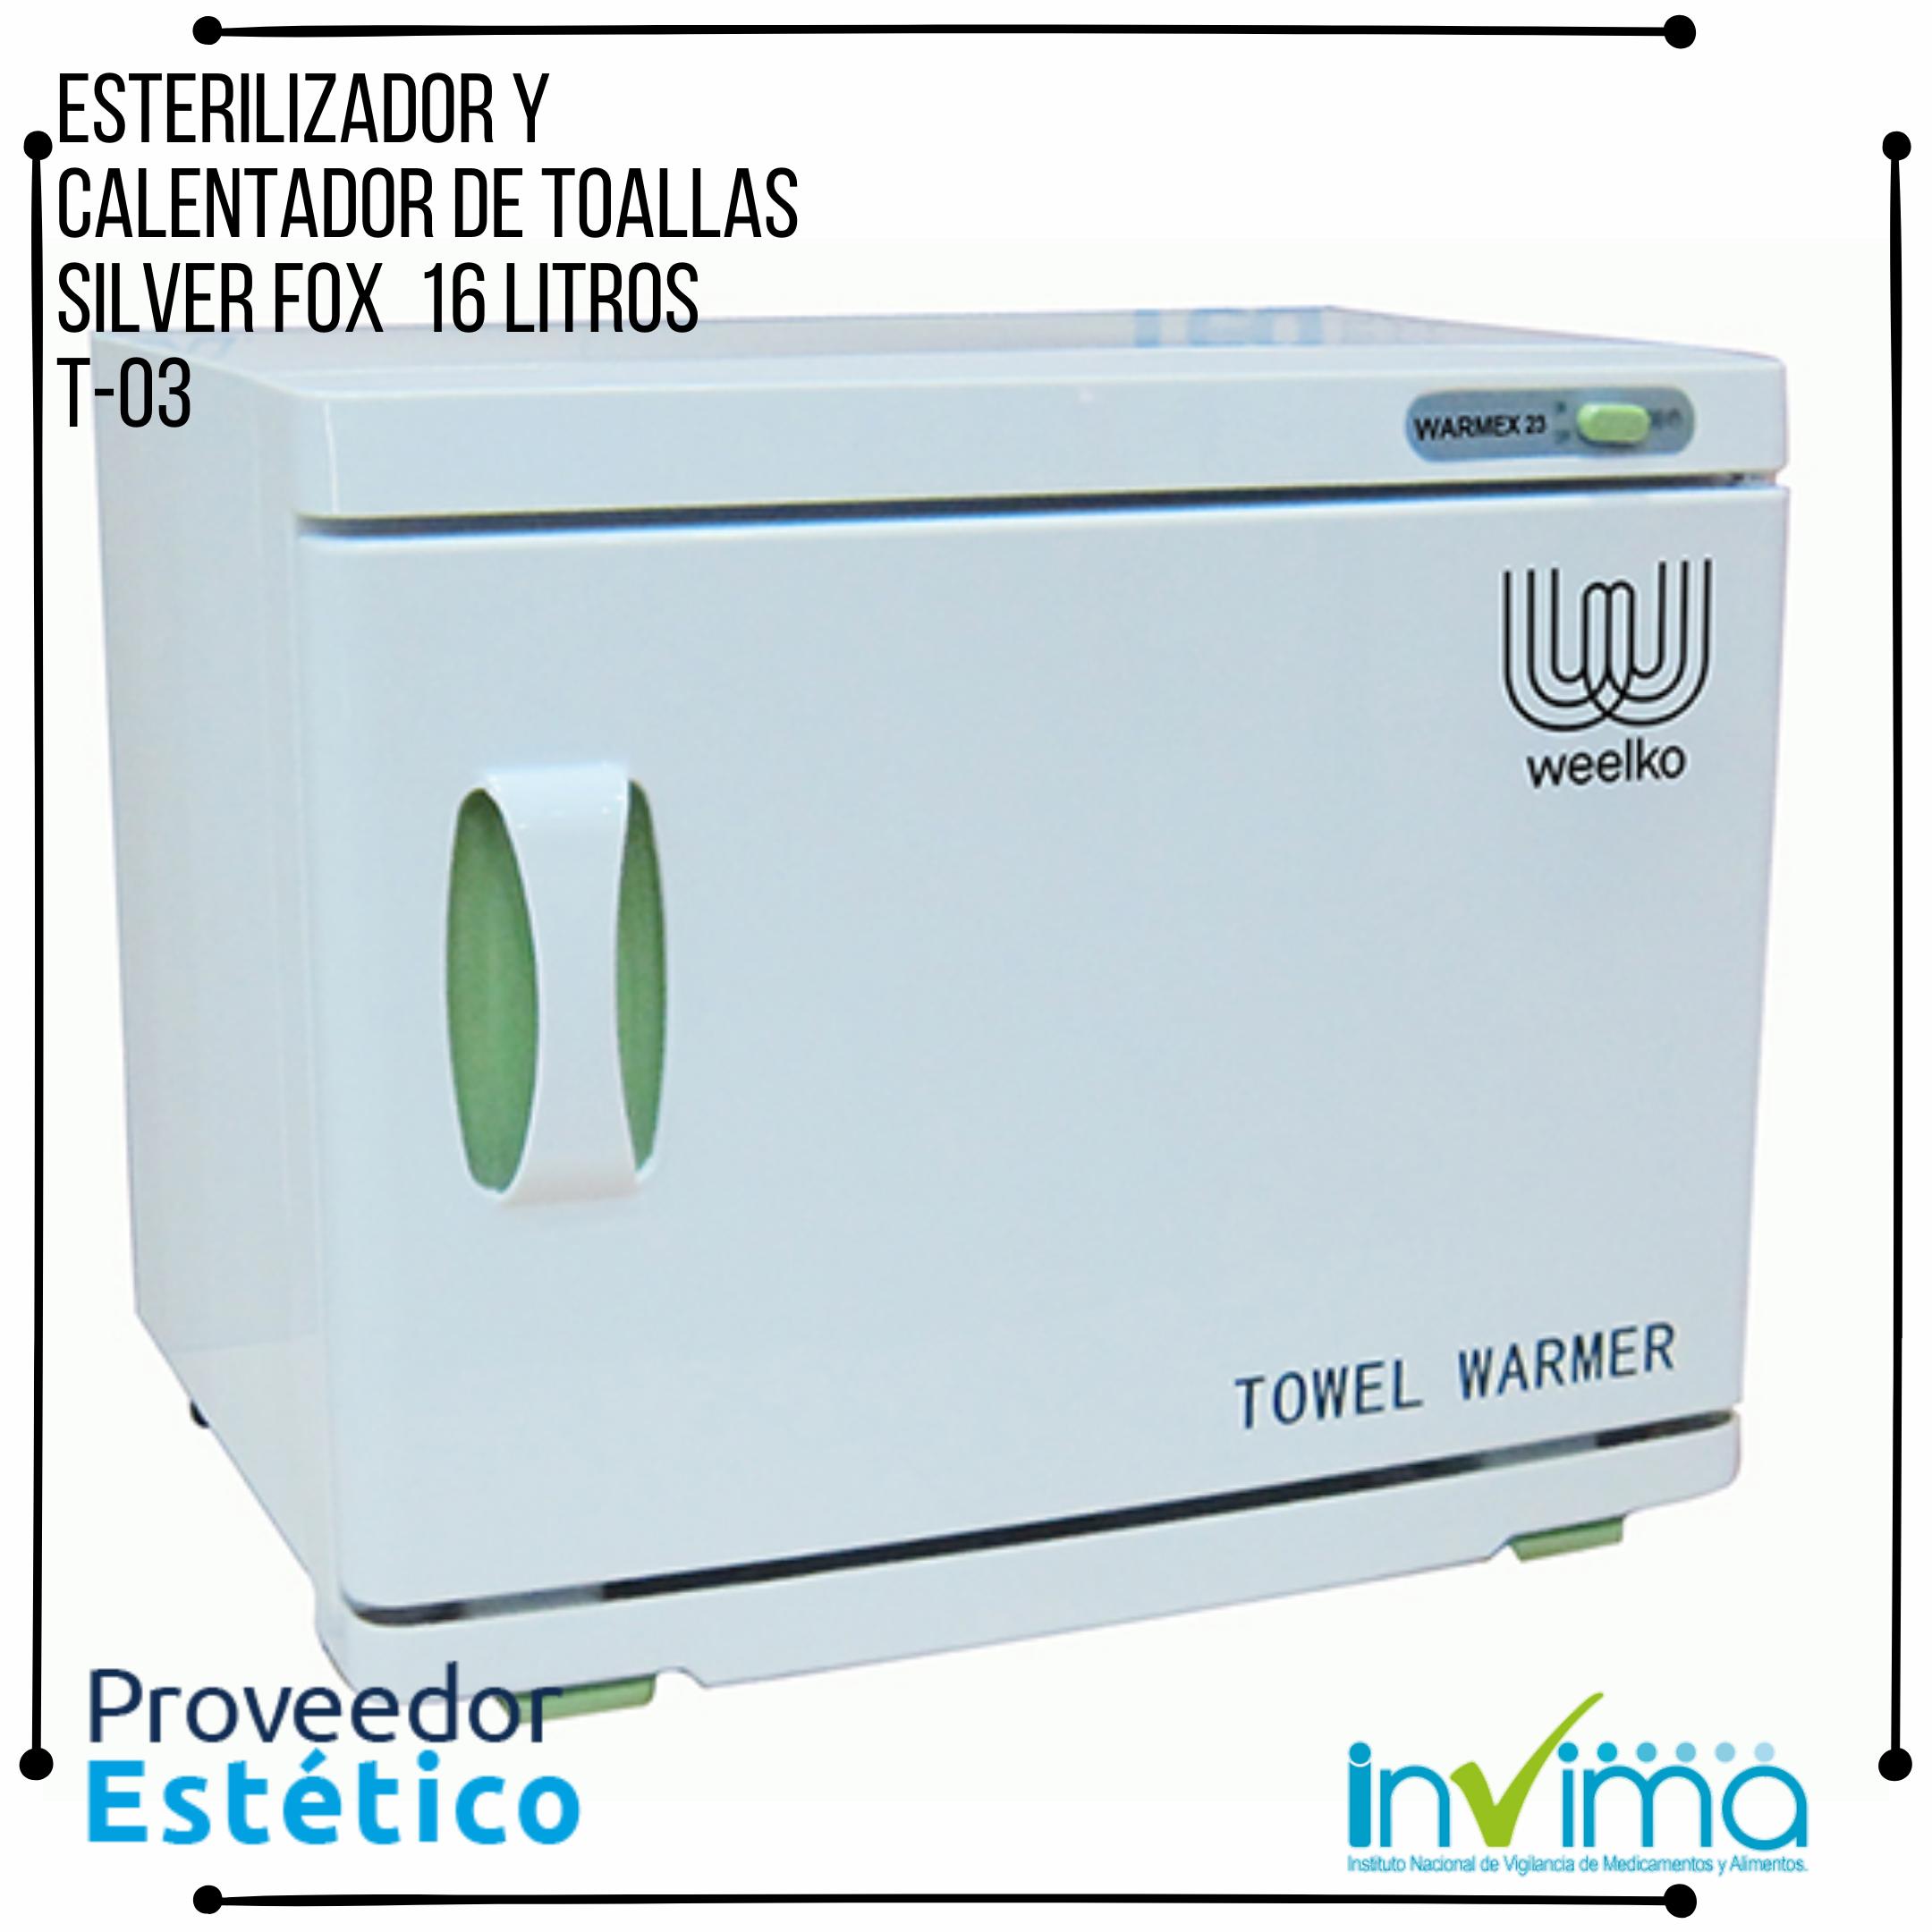 https://0201.nccdn.net/1_2/000/000/0e7/073/esterilizador-y-calentador-de-toallas-silver-fox-t-03.png